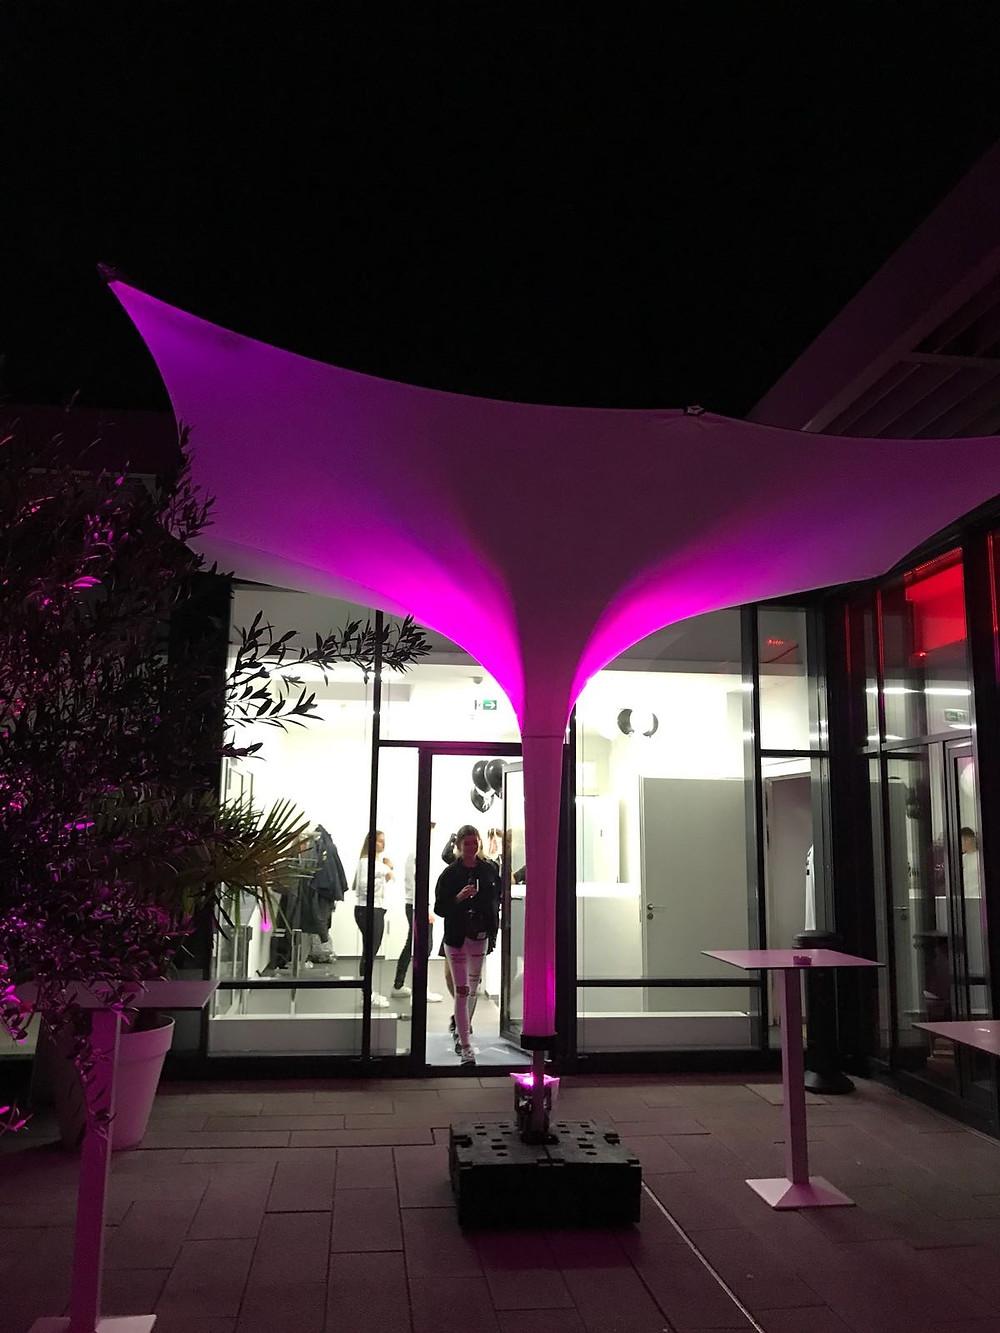 Grossschirm beleuchtet auf Dach-Terrasse